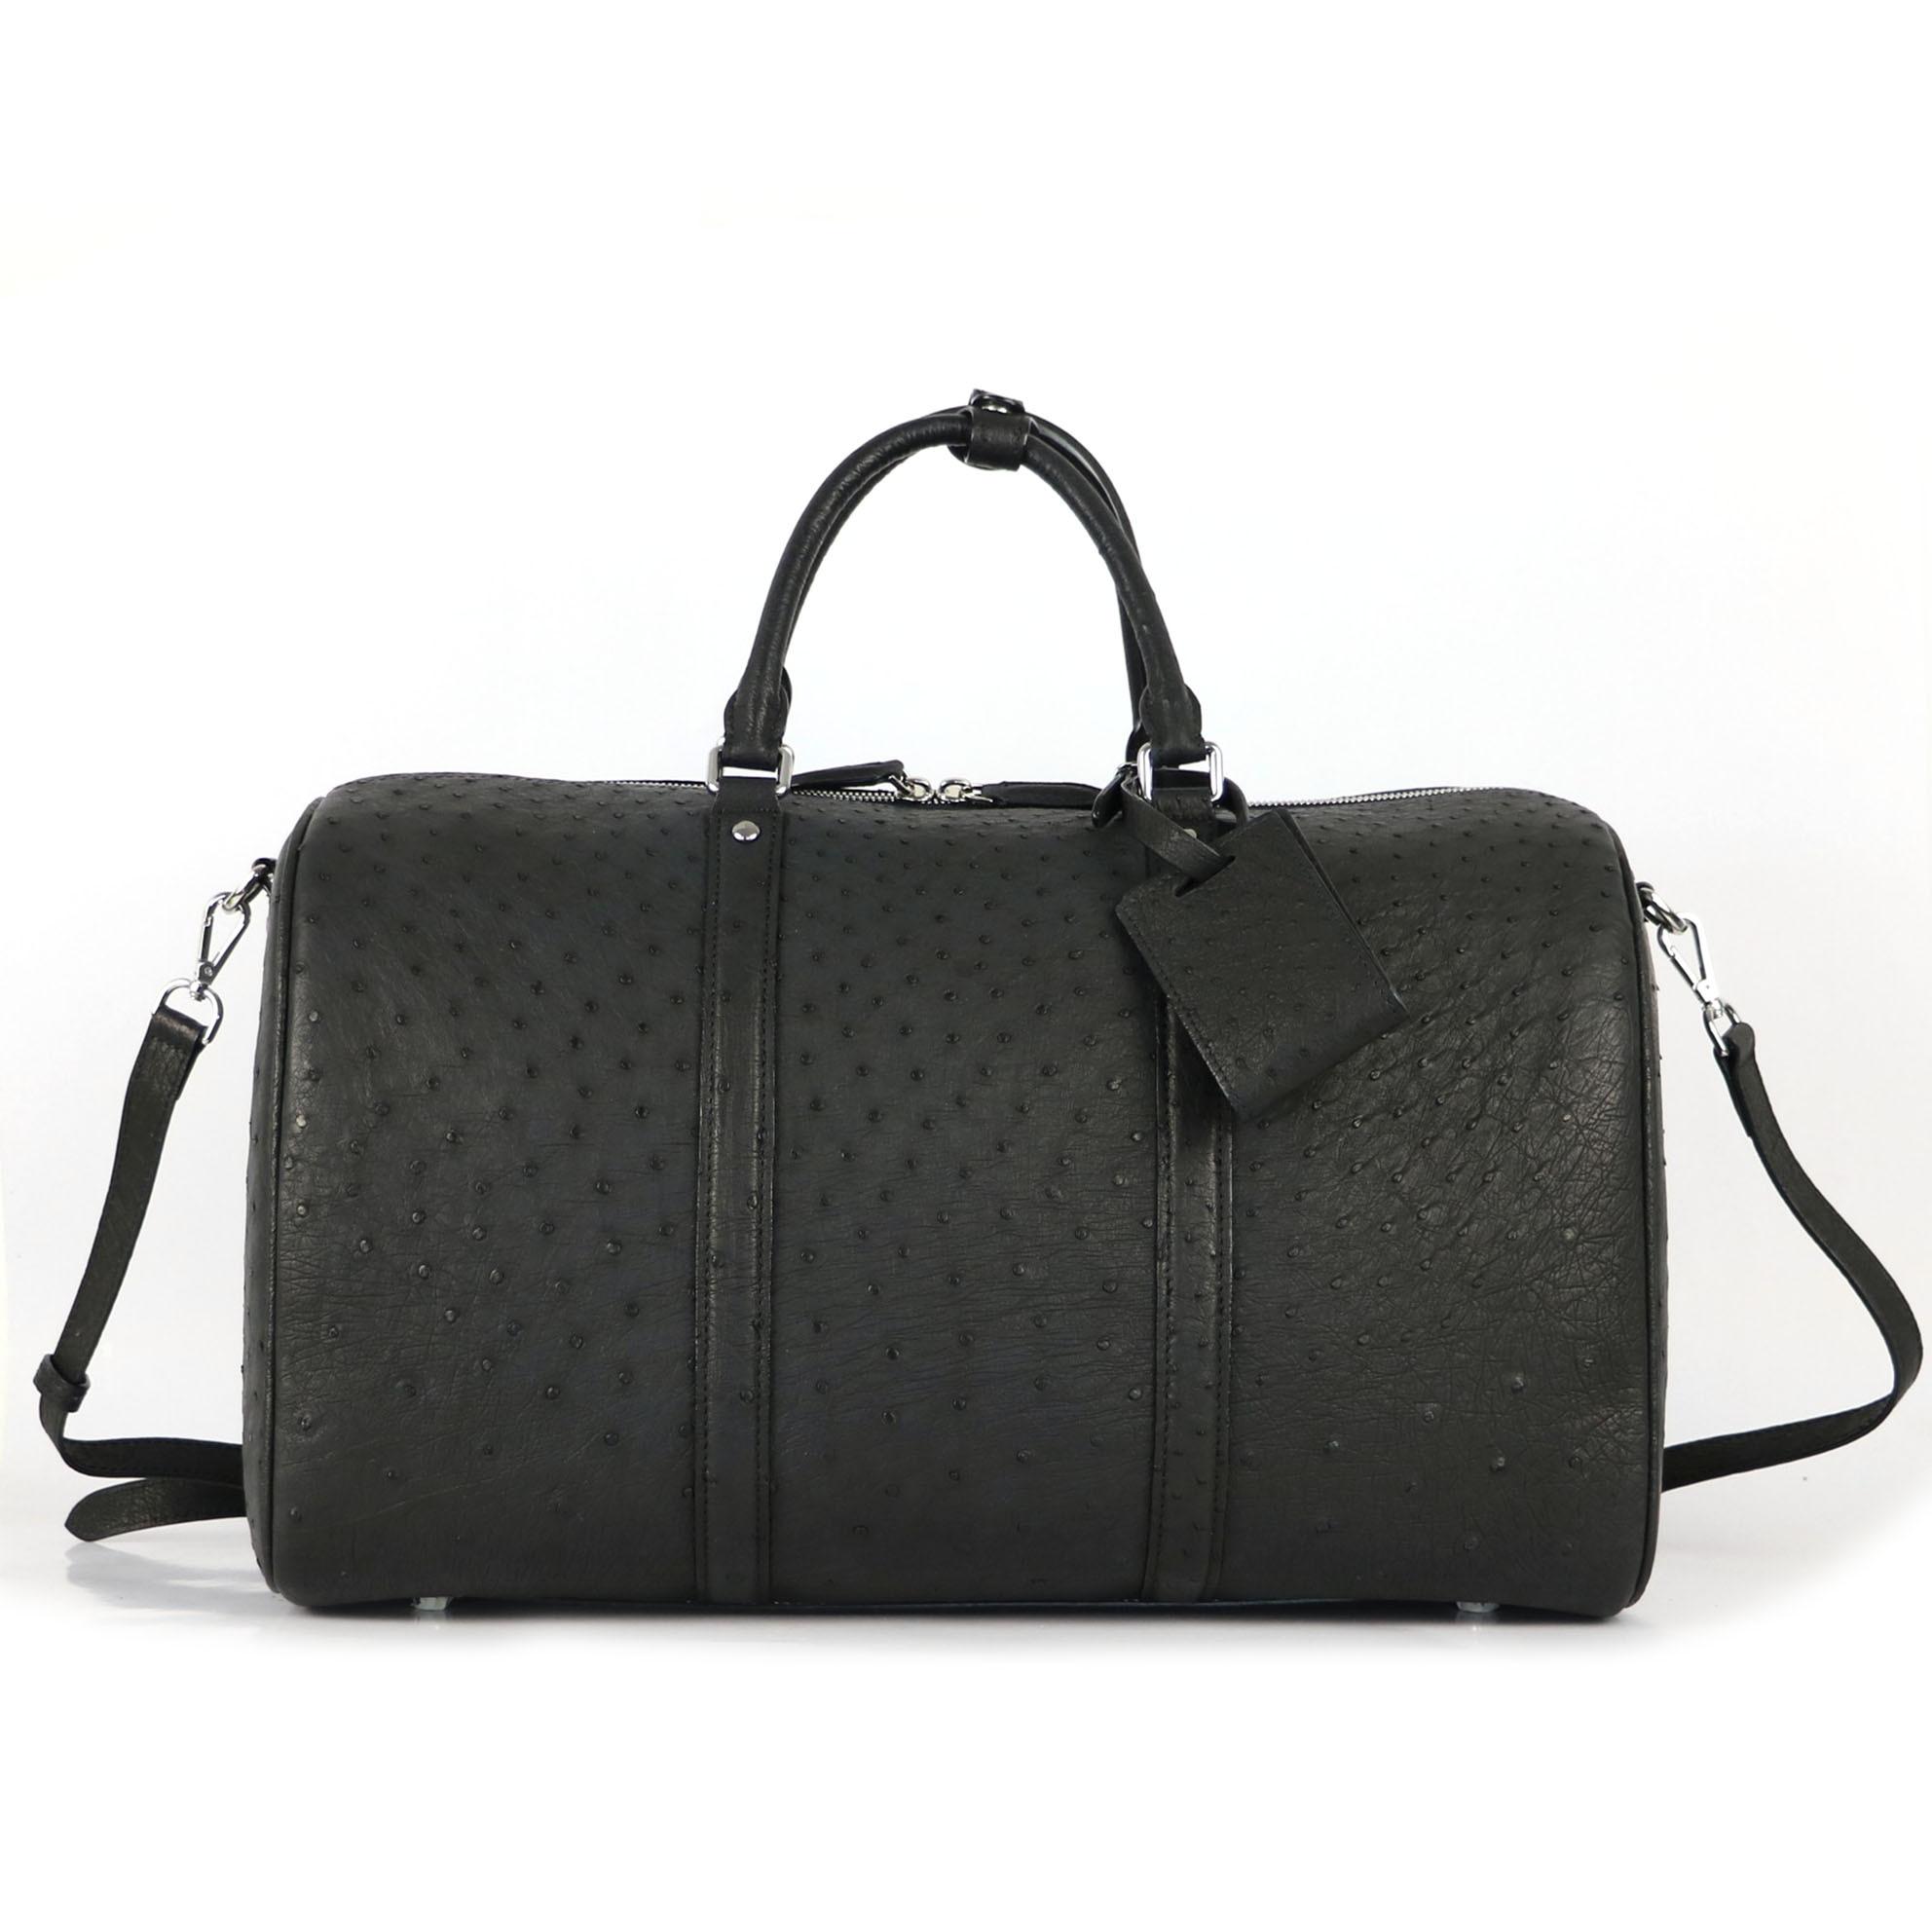 Бесплатная Индивидуальная сумка для путешествий 100% натуральная Страусиная кожаная сумка для багажа большая сумка для фитнеса мужские роскошные сумки через плечо|Сумки с ручками| | АлиЭкспресс